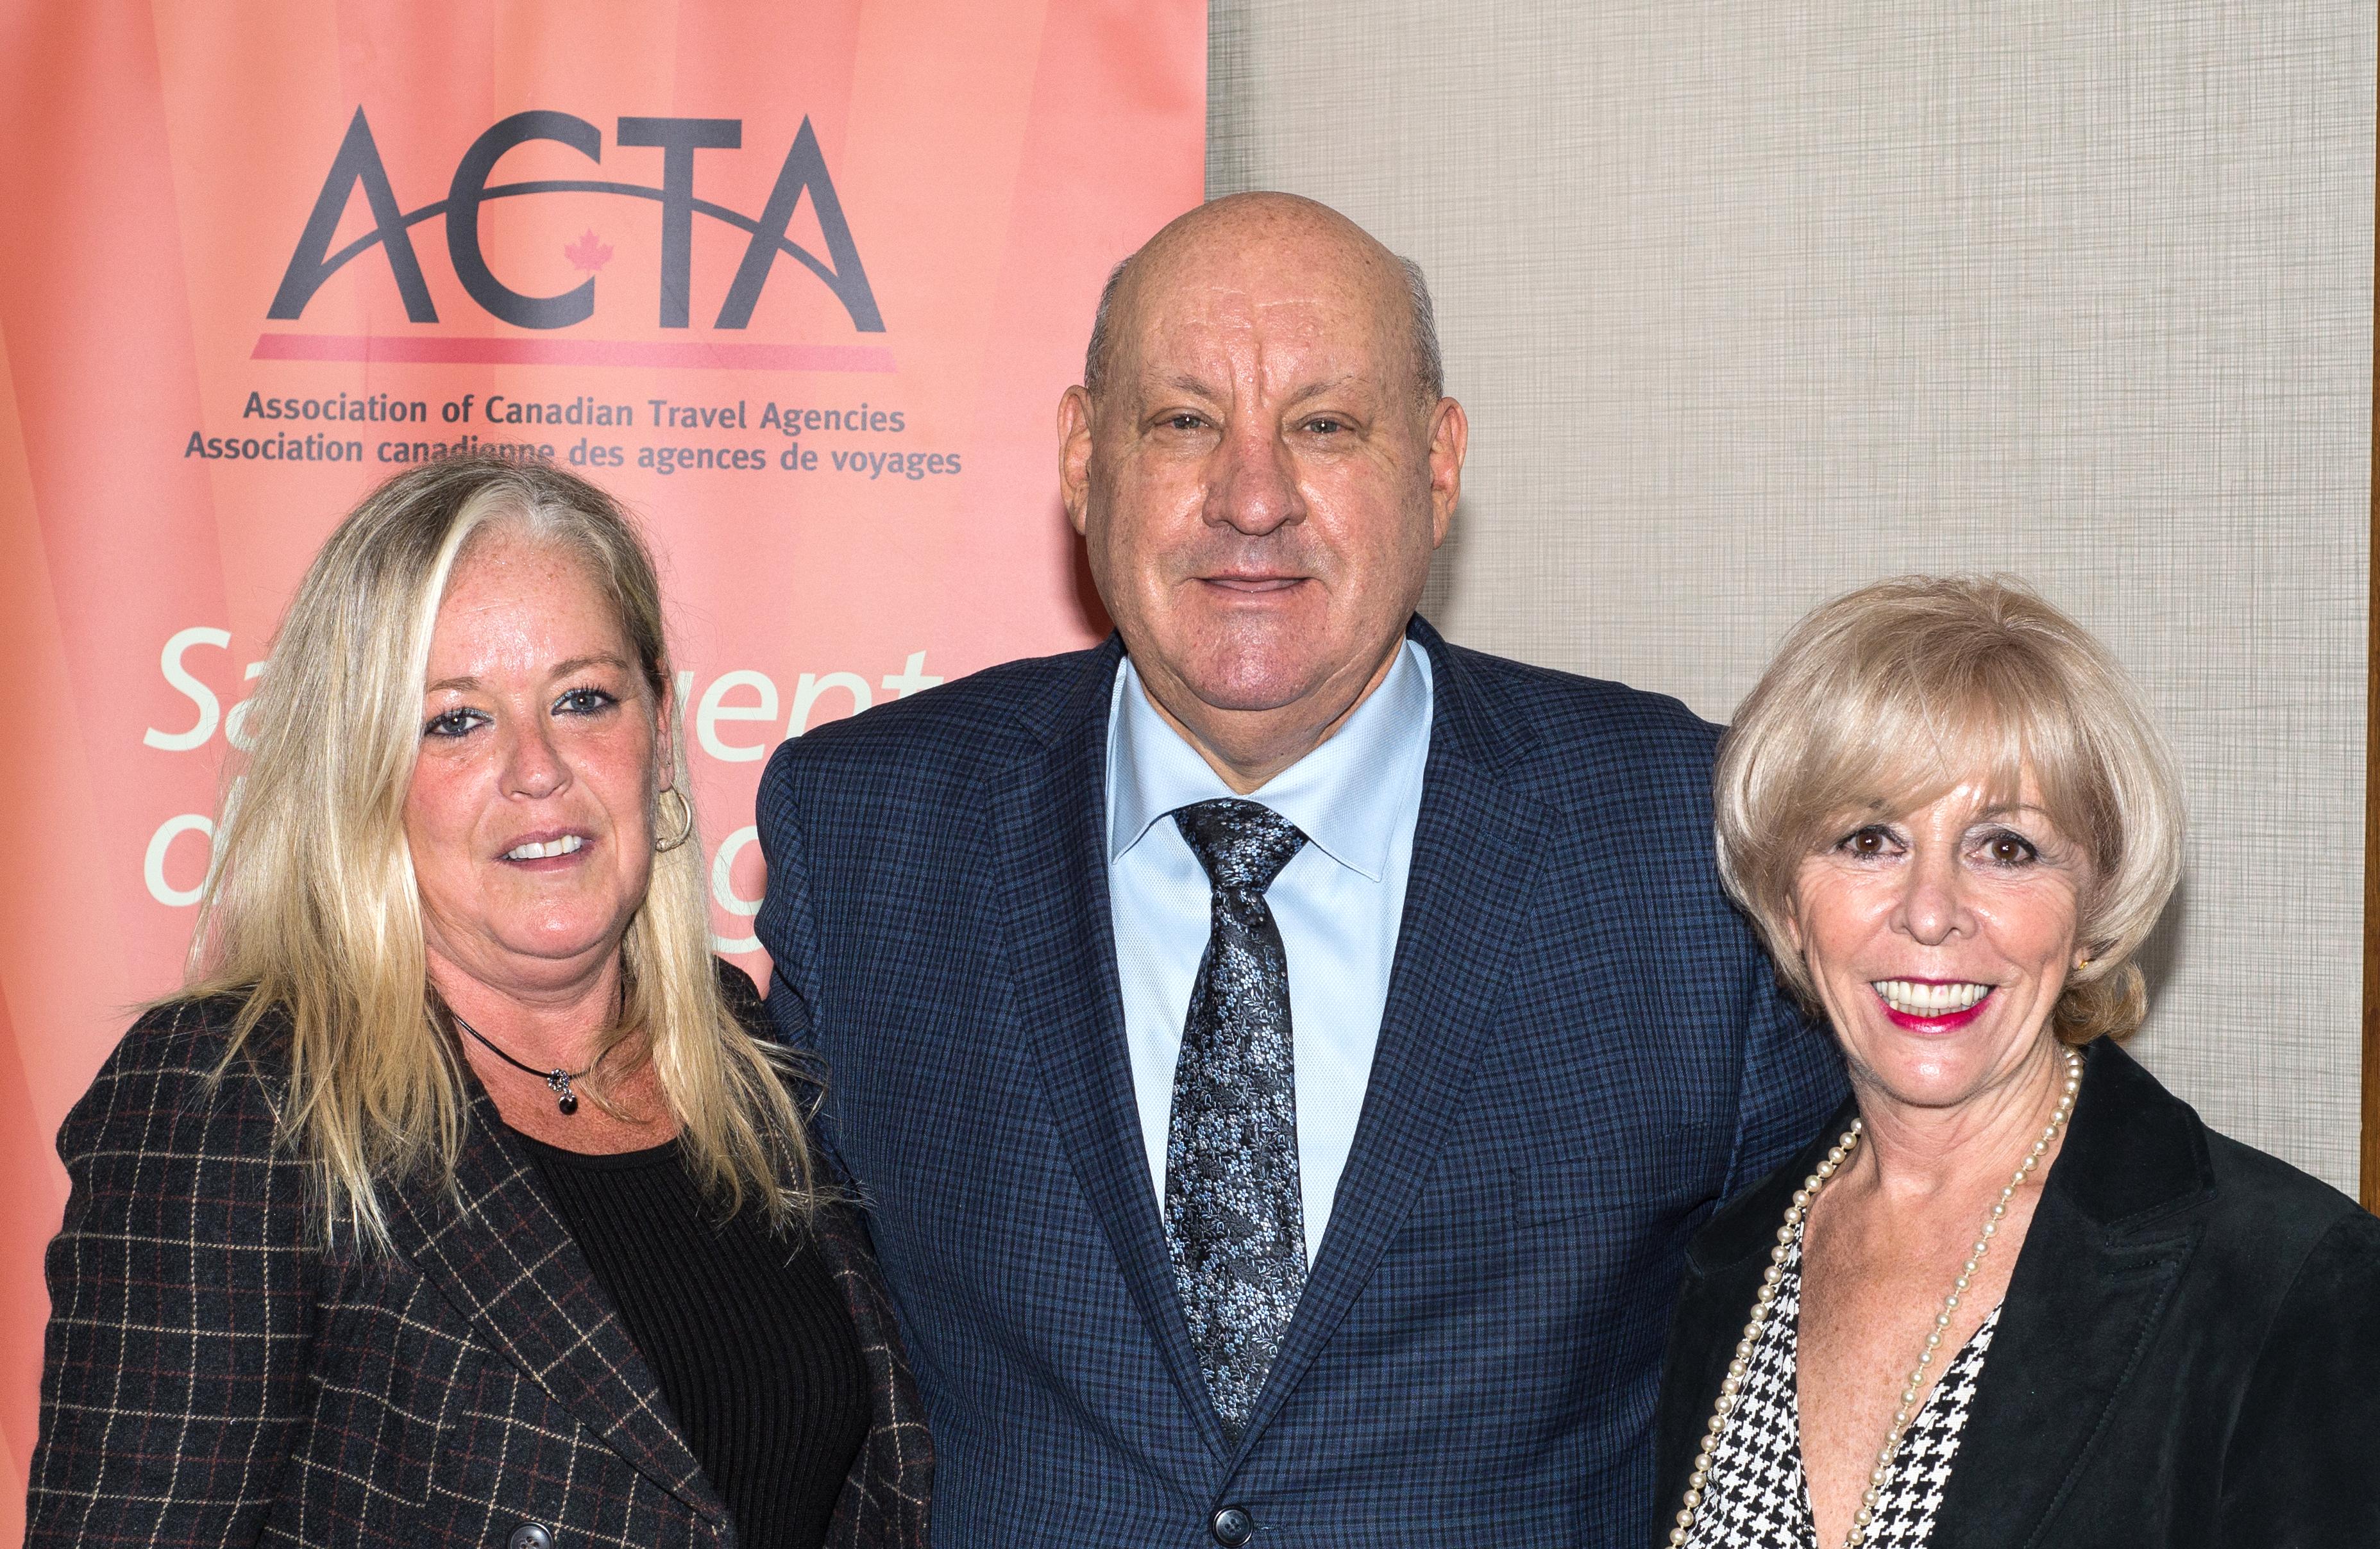 ACTA : à la recherche de nouveaux membres du conseil régional du Québec